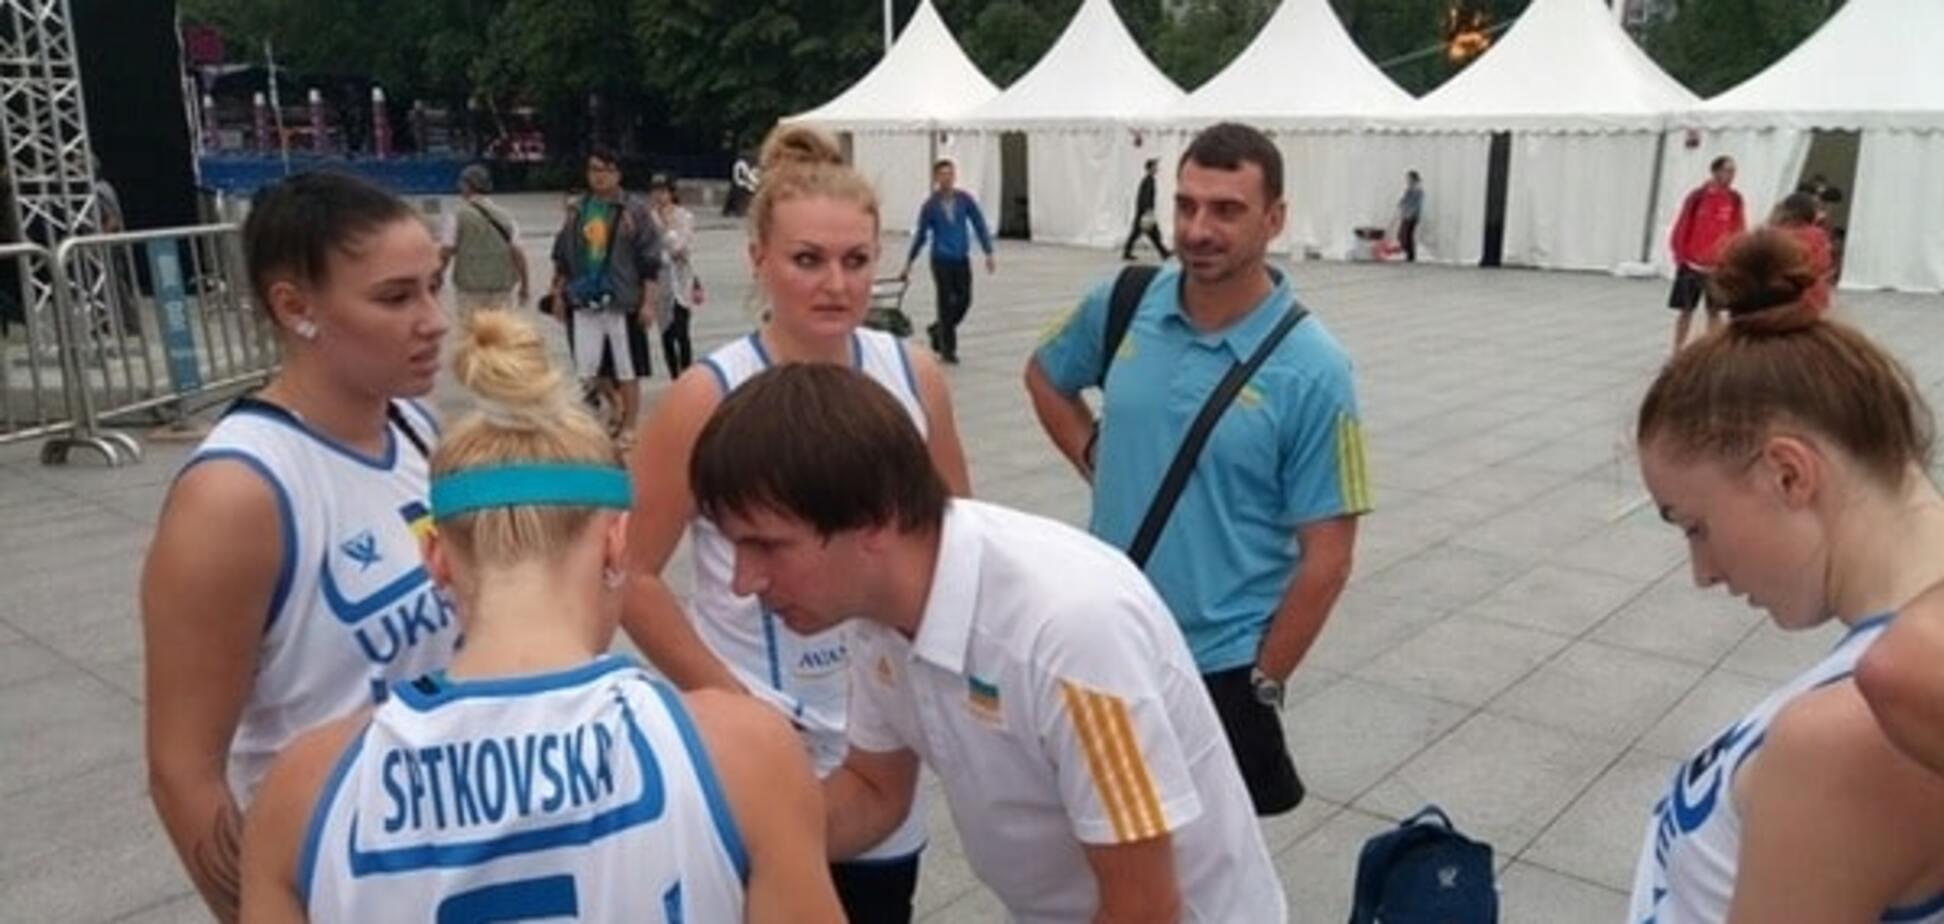 'Есть резервы': тренер сборной Украины оценил шансы на выход в полуфинал чемпионата мира 3х3